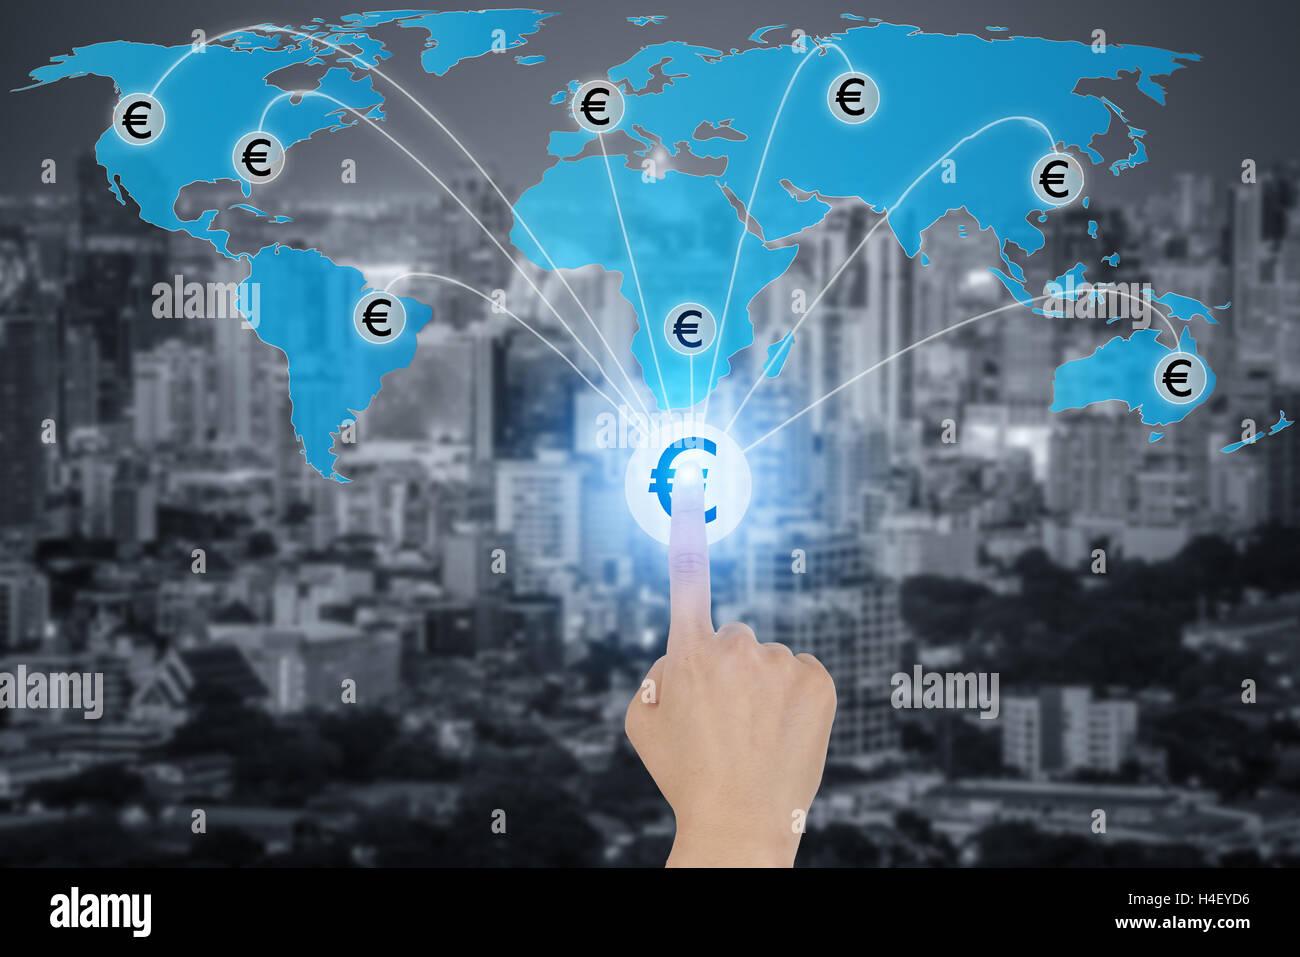 Berühren der Schaltfläche mit Euro Währungssymbole verbunden im Netzwerk, Konzept über Weltfinanzmärkte Stockbild